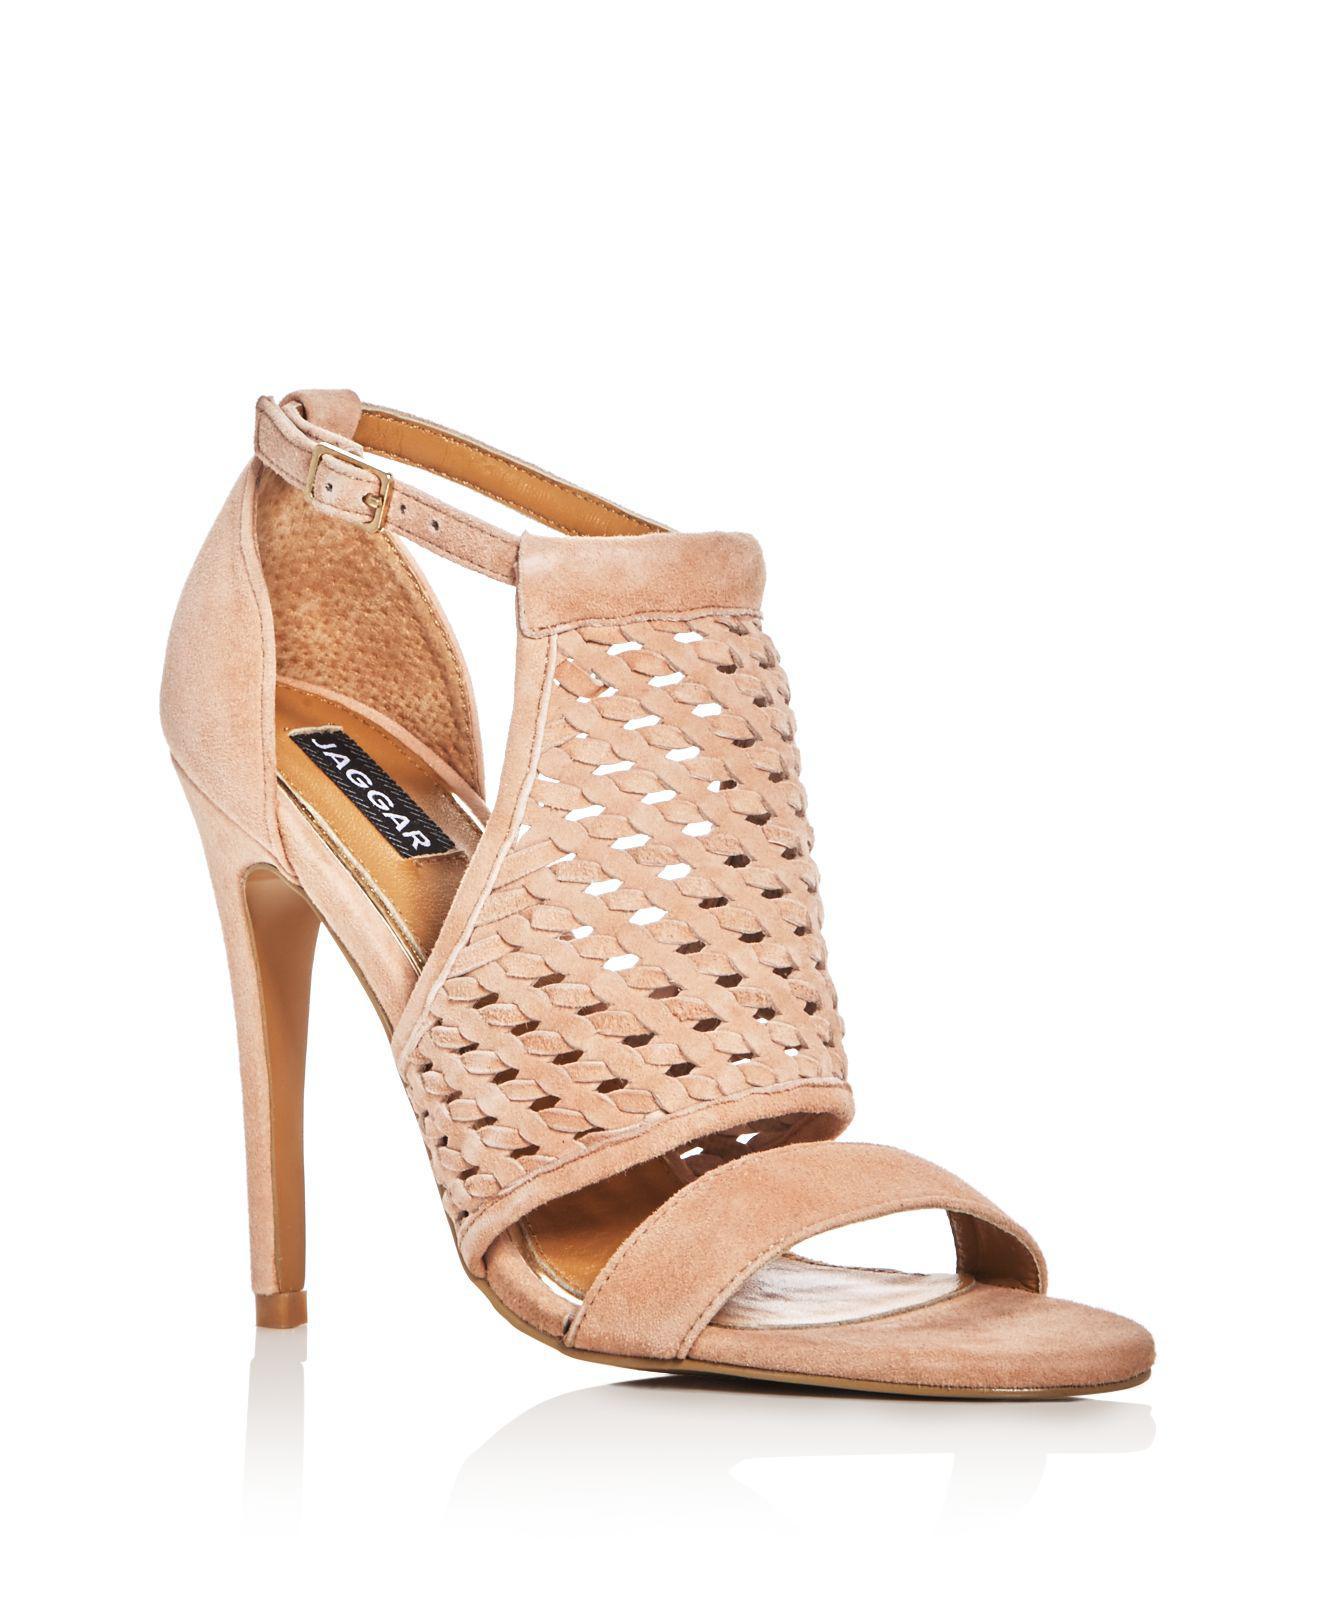 JAGGAR Open Weave High Heel Sandals Nude Women